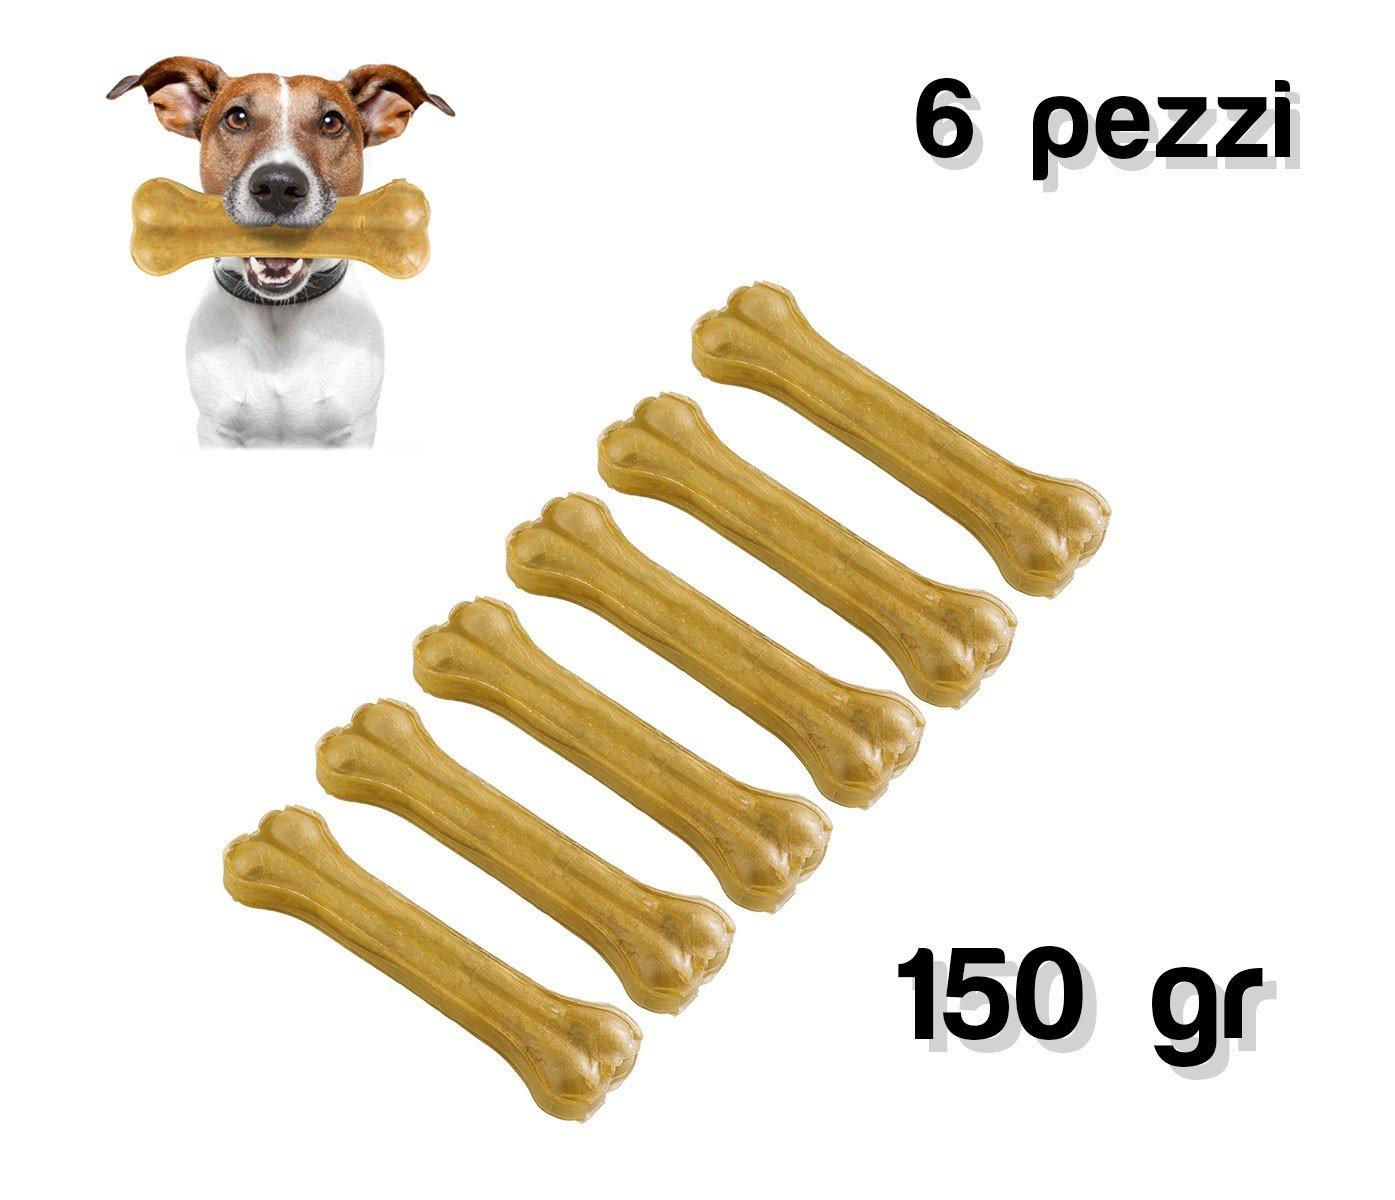 MEDIA WAVE store Delizioso snack 6 pz per cani di piccola e media taglia a forma di osso in 100/% pelle di maiale antistress